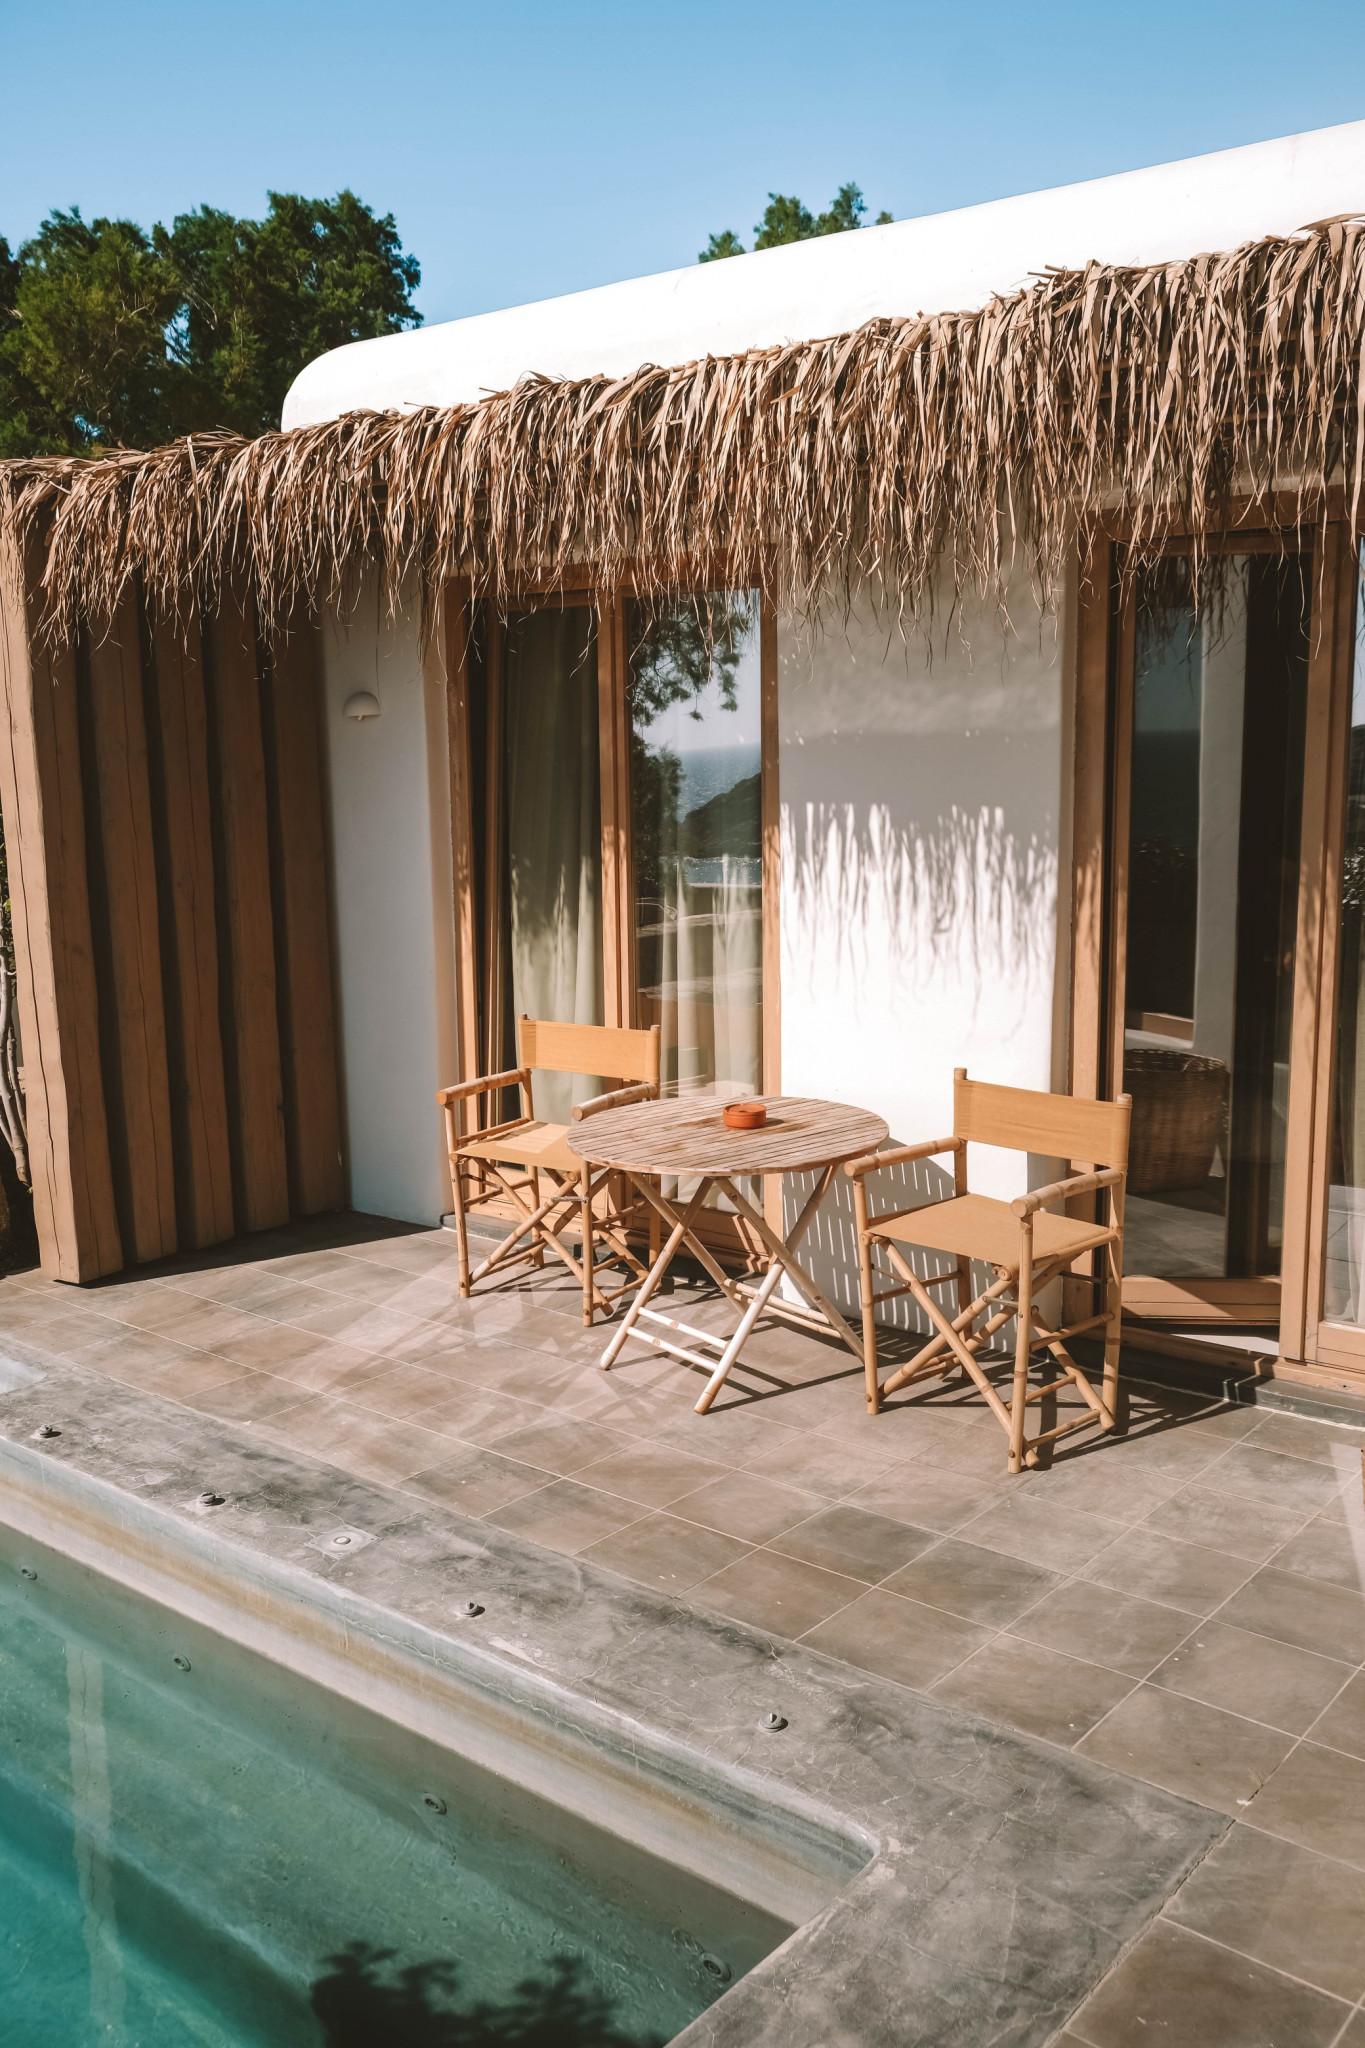 Evasion : le Wild Hotel, pépite bohème chic sur l'île de Mykonos - 6